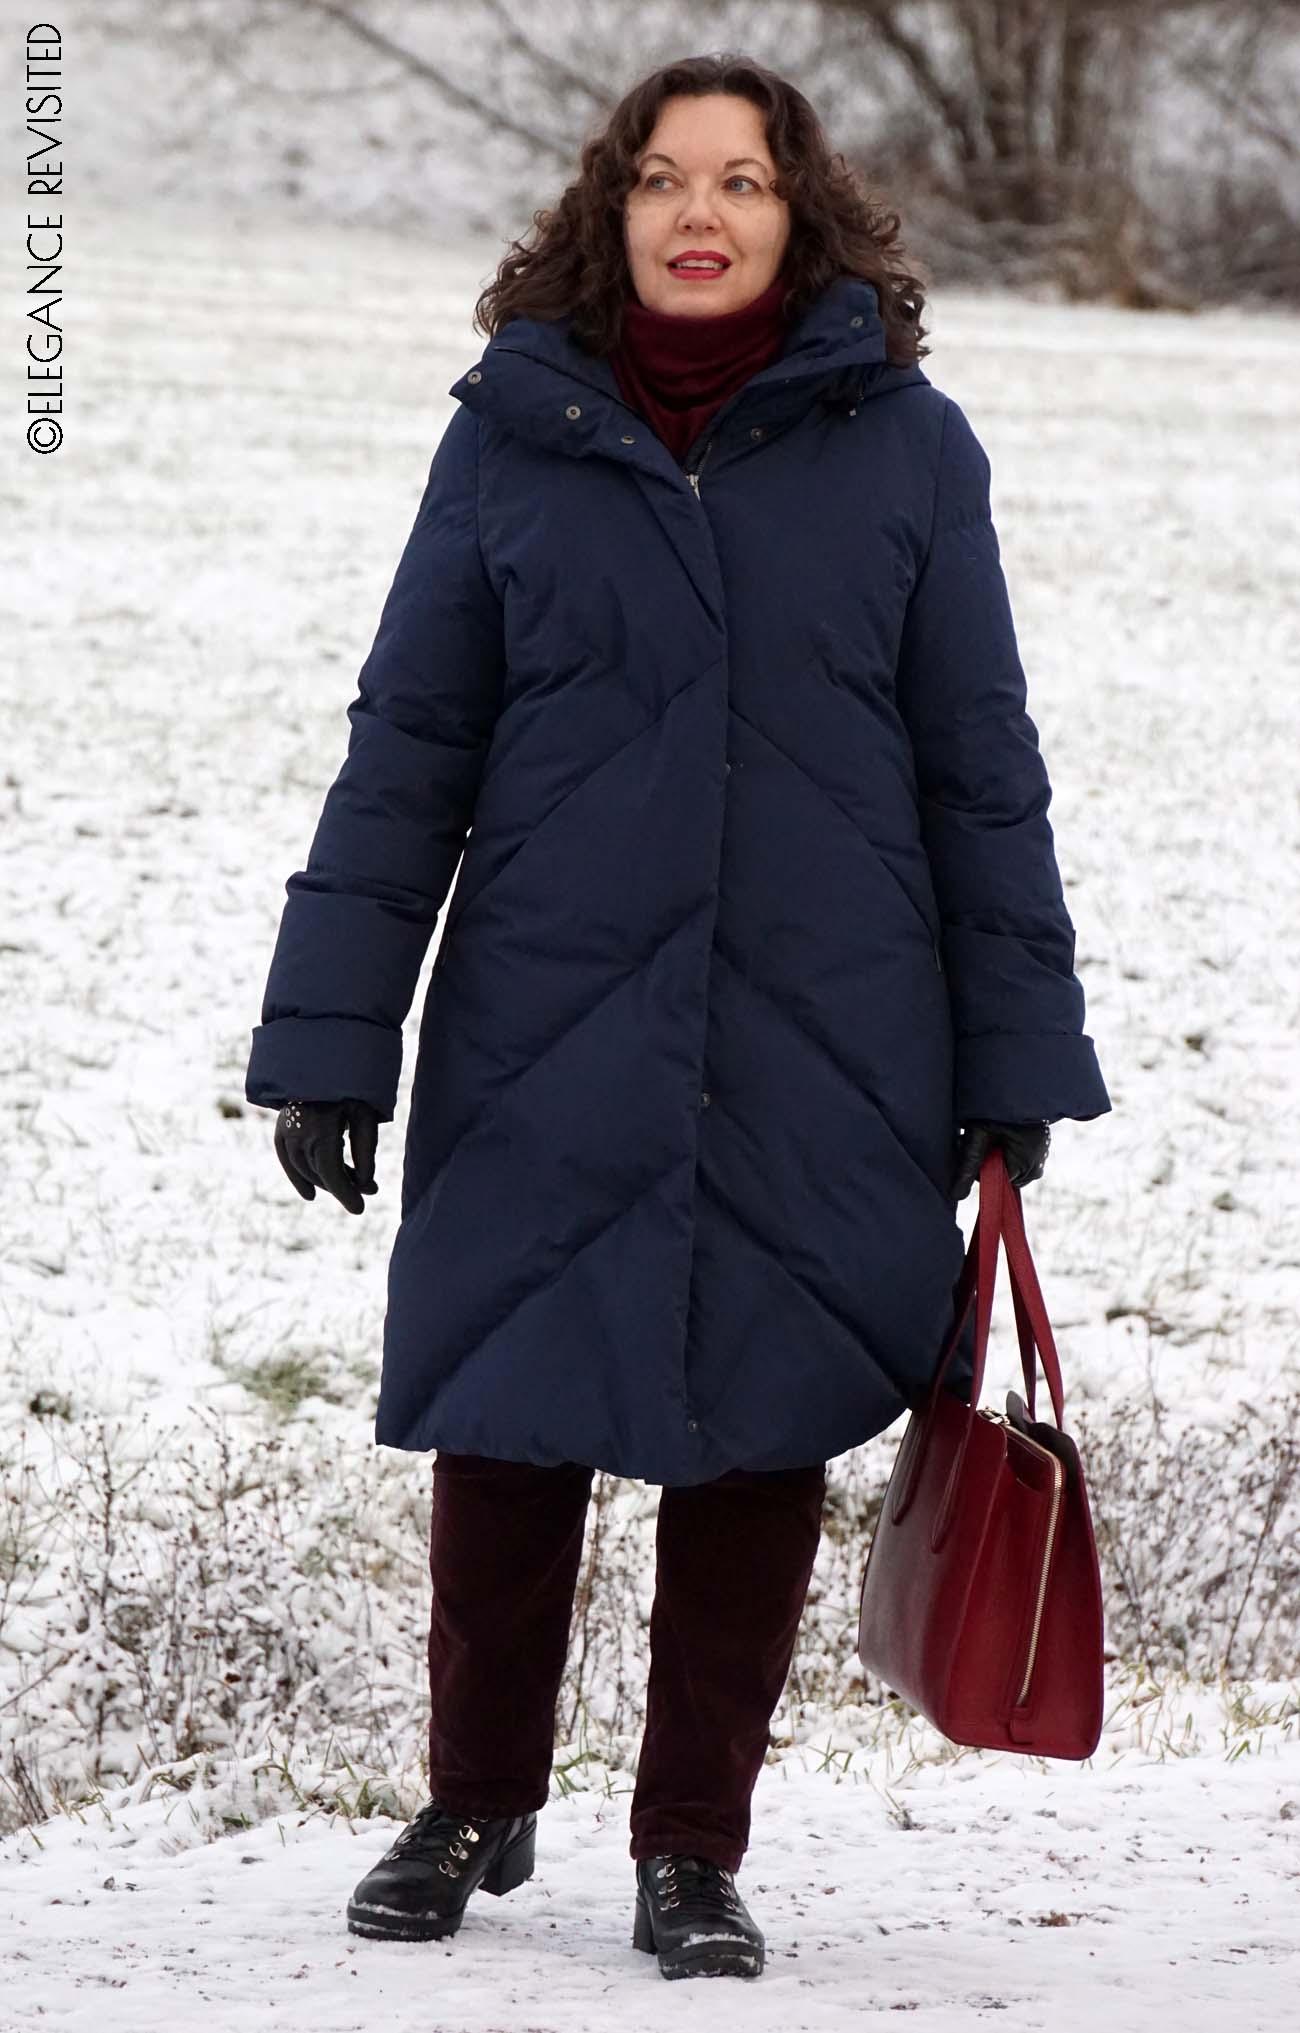 winter wear over 50